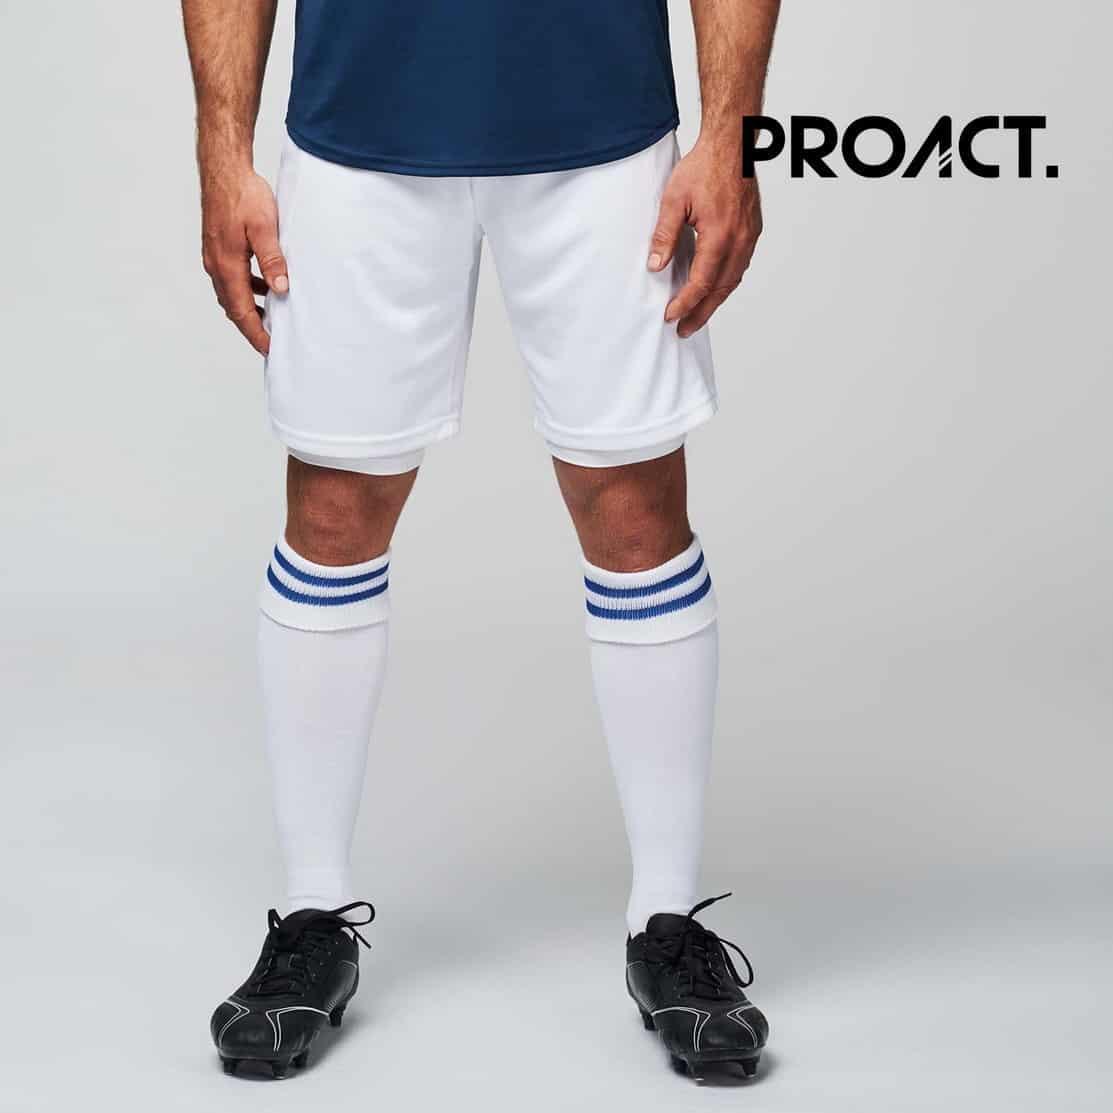 Uomo con pantaloncini da calcio bianchi 100% poliestere